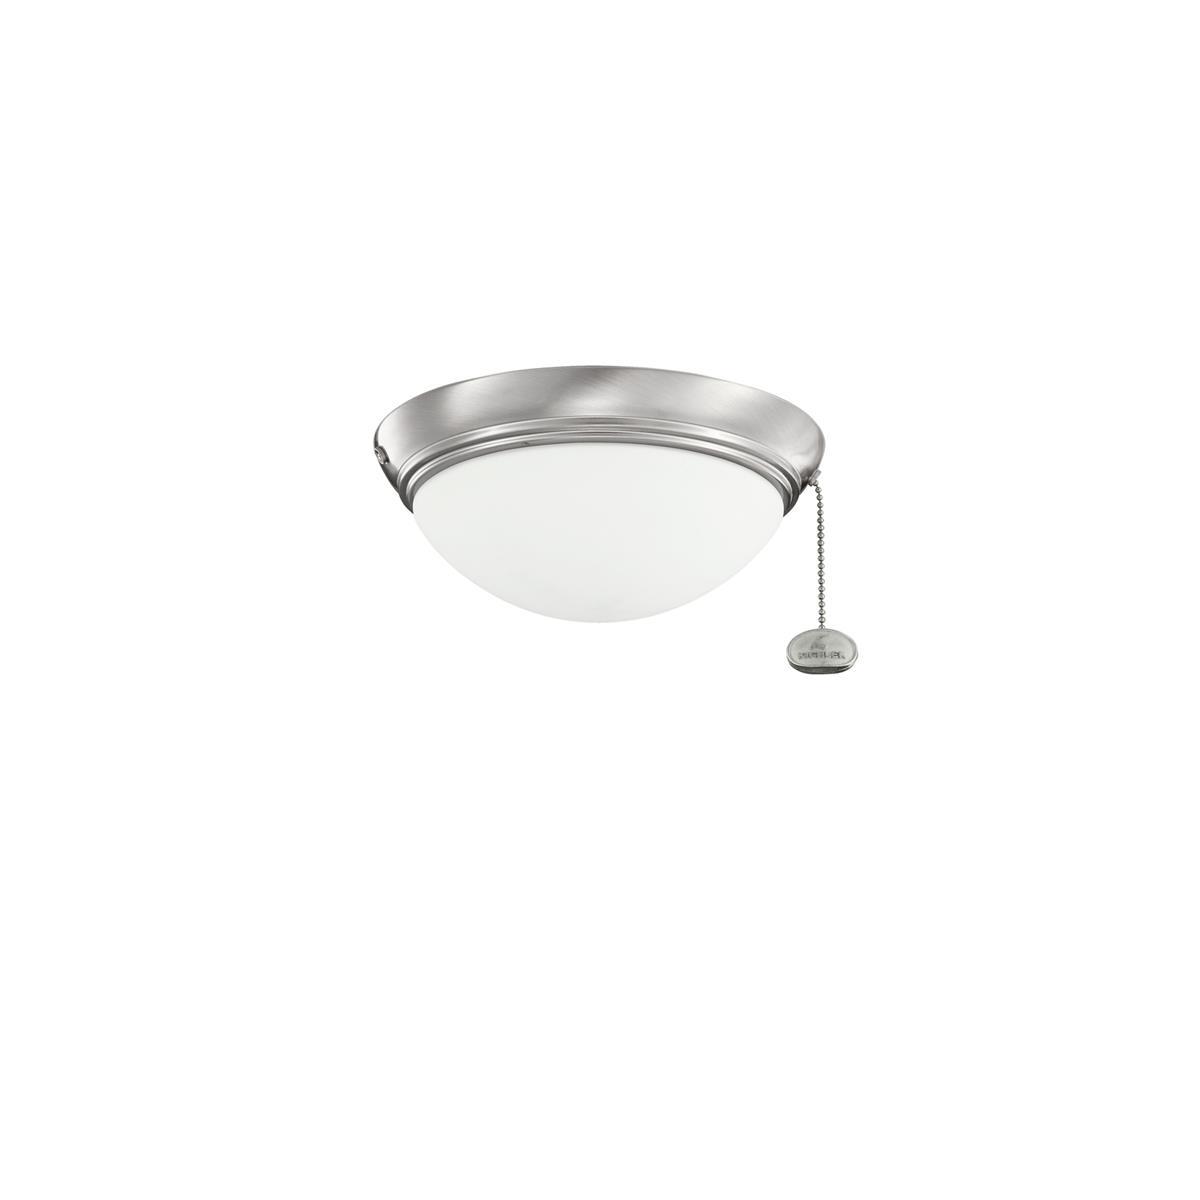 low profile ceiling fan light photo - 8